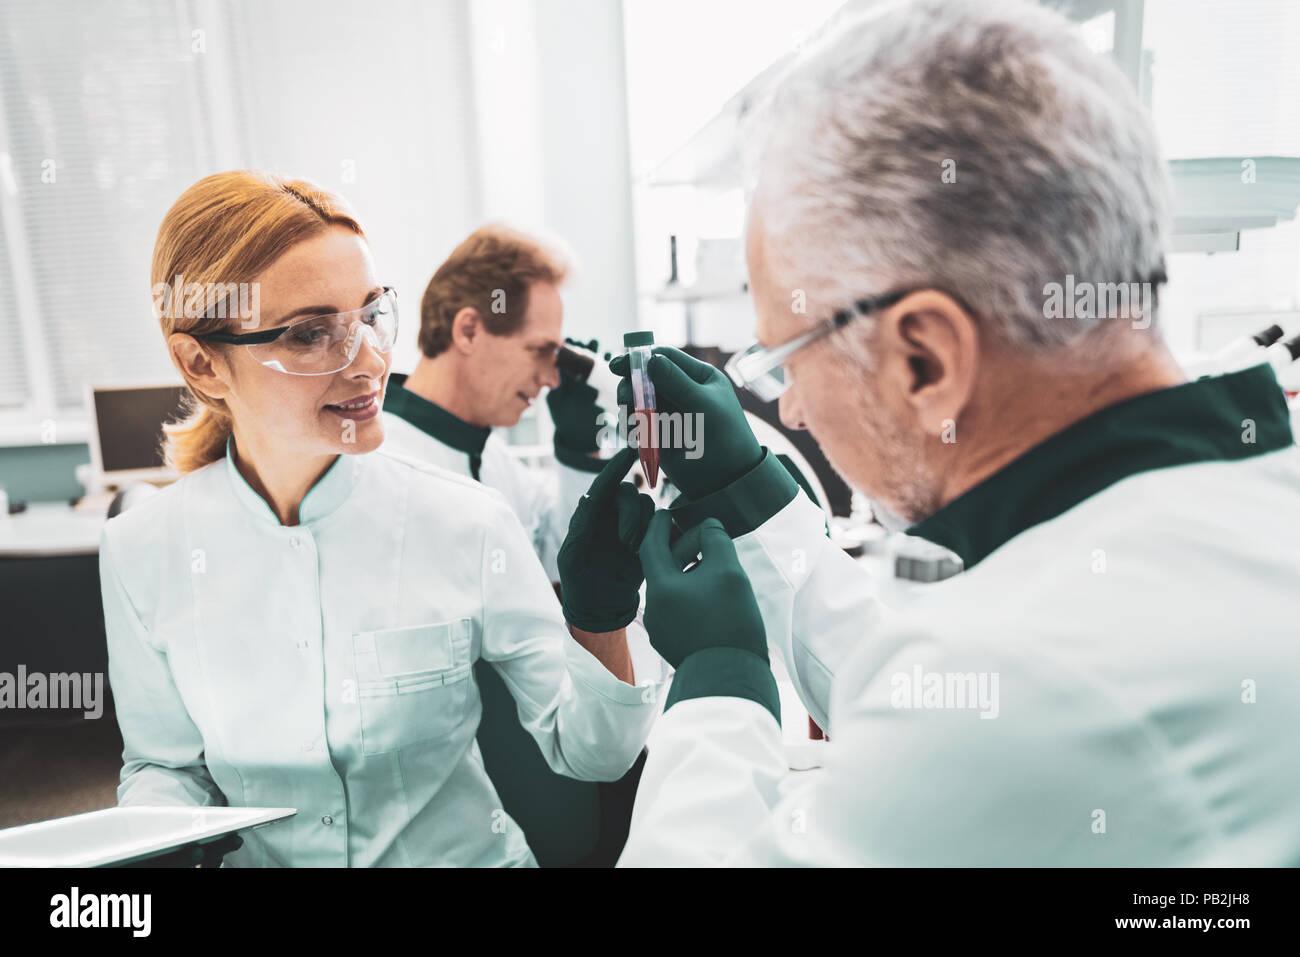 Assistente di chimica cooperante con il suo consulente scientifico Immagini Stock